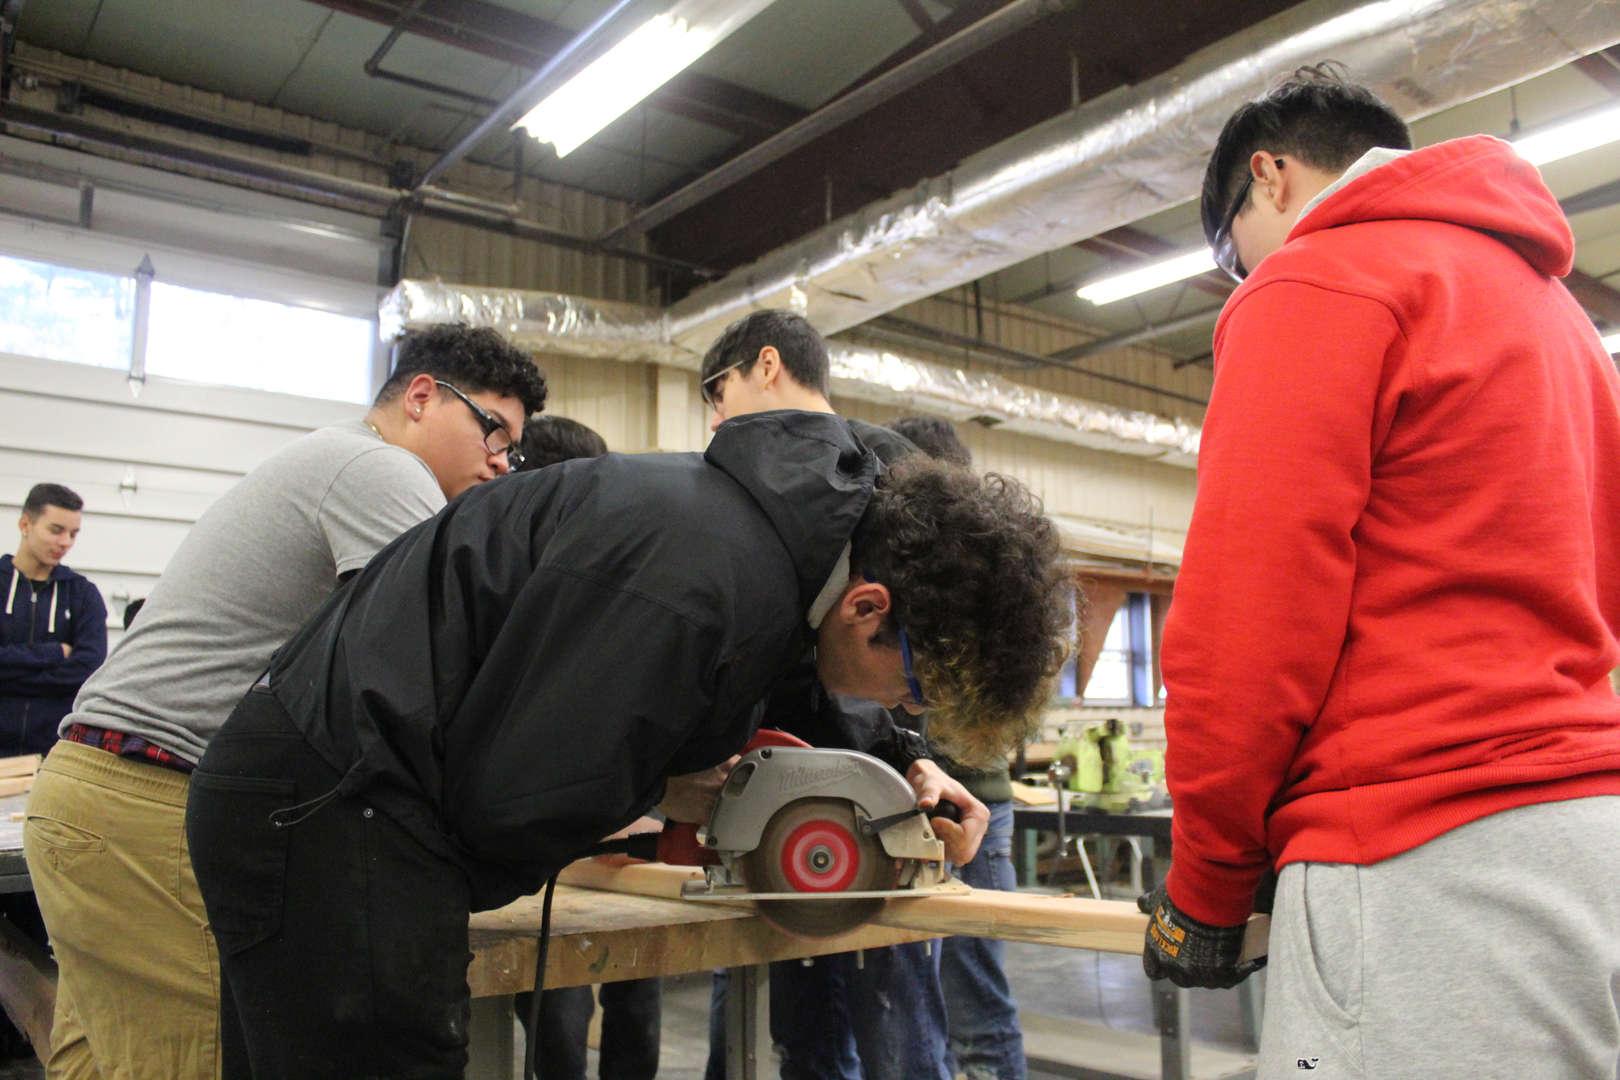 Student uses hand saw